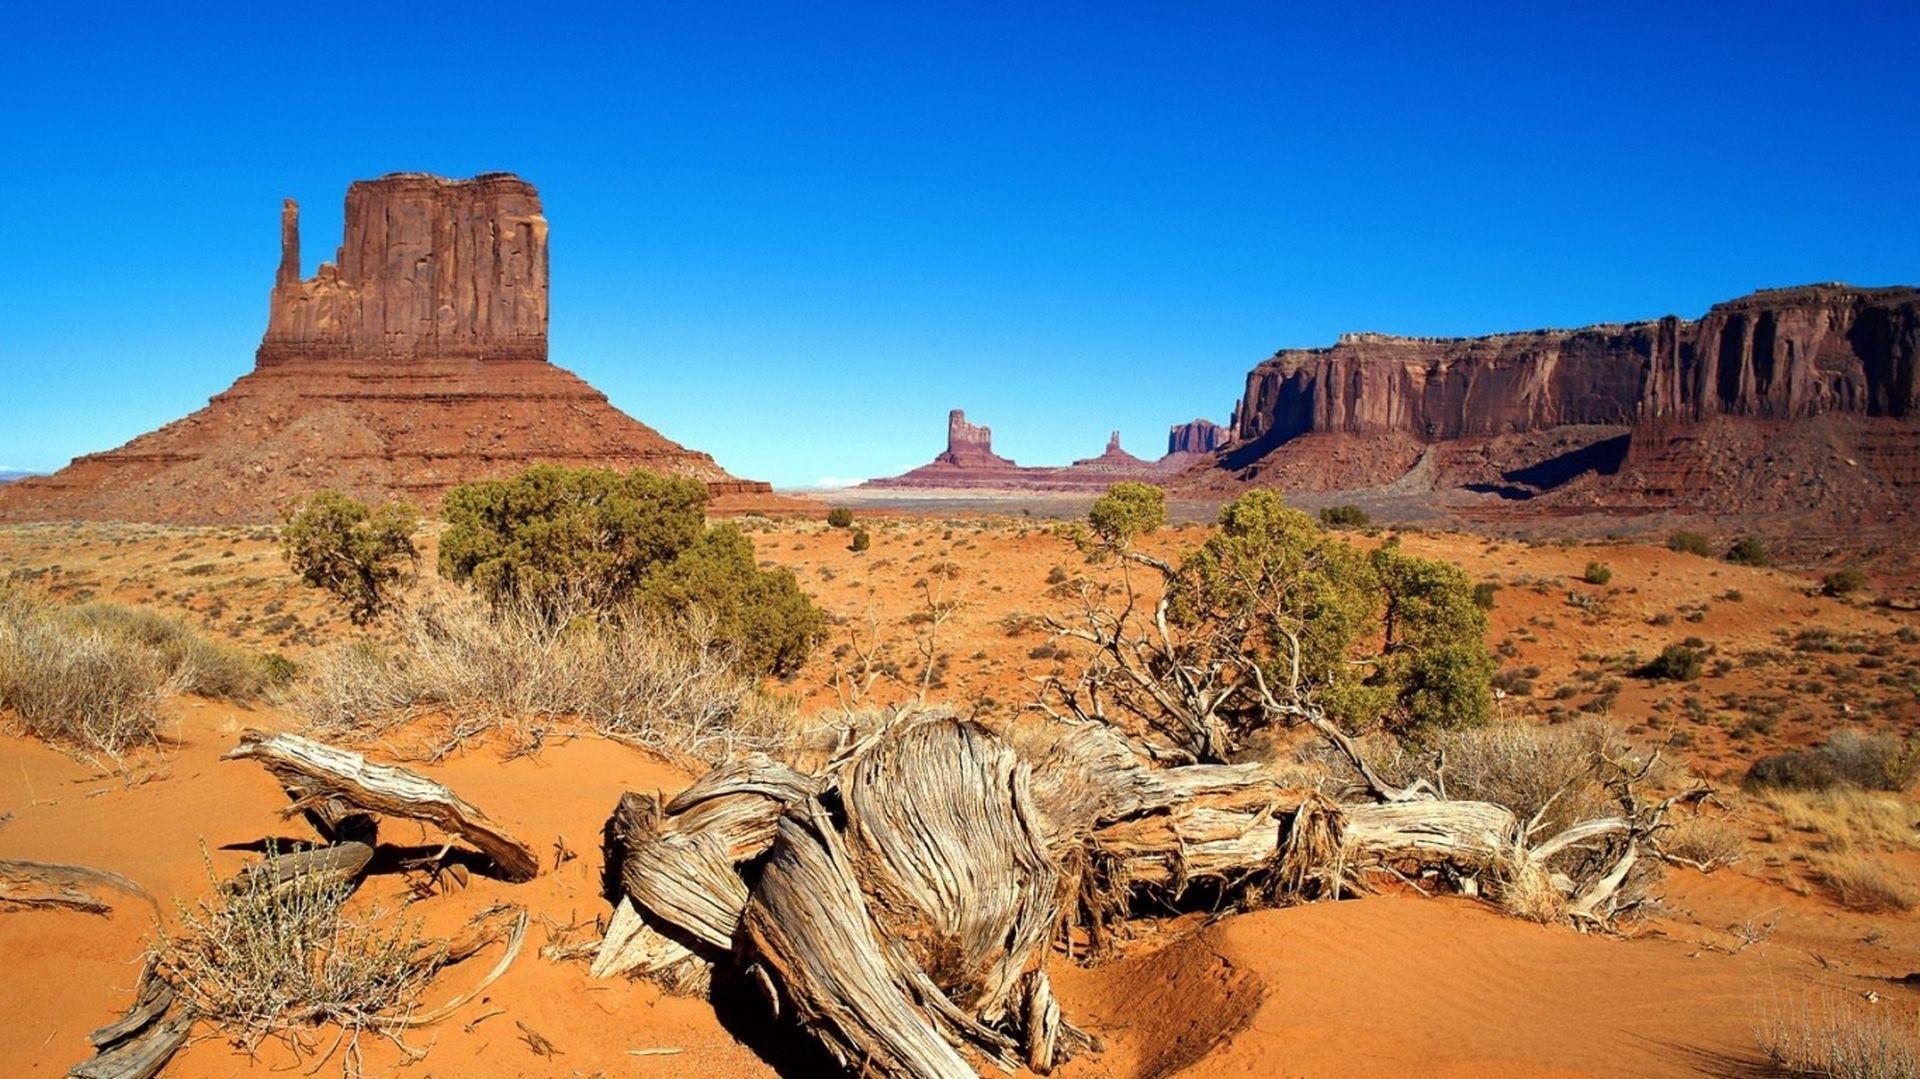 desert west arizona monument valley dunes 1920x1079 wallpaper download 1920x1079